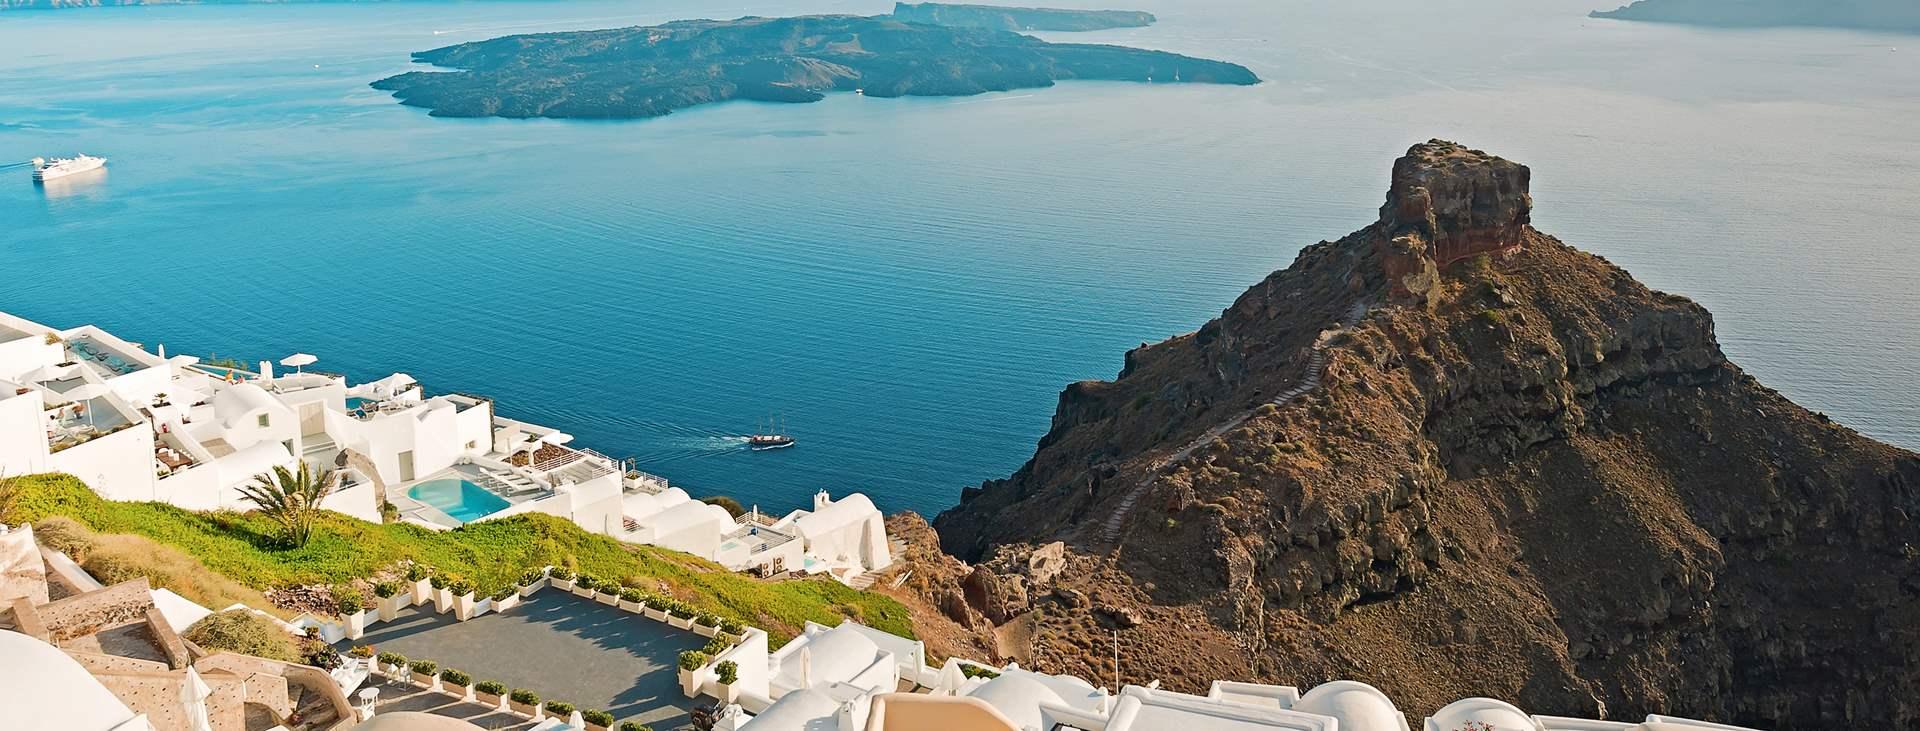 Matkoja myös Imerovigliiin, Santorinille, Kreikkaan